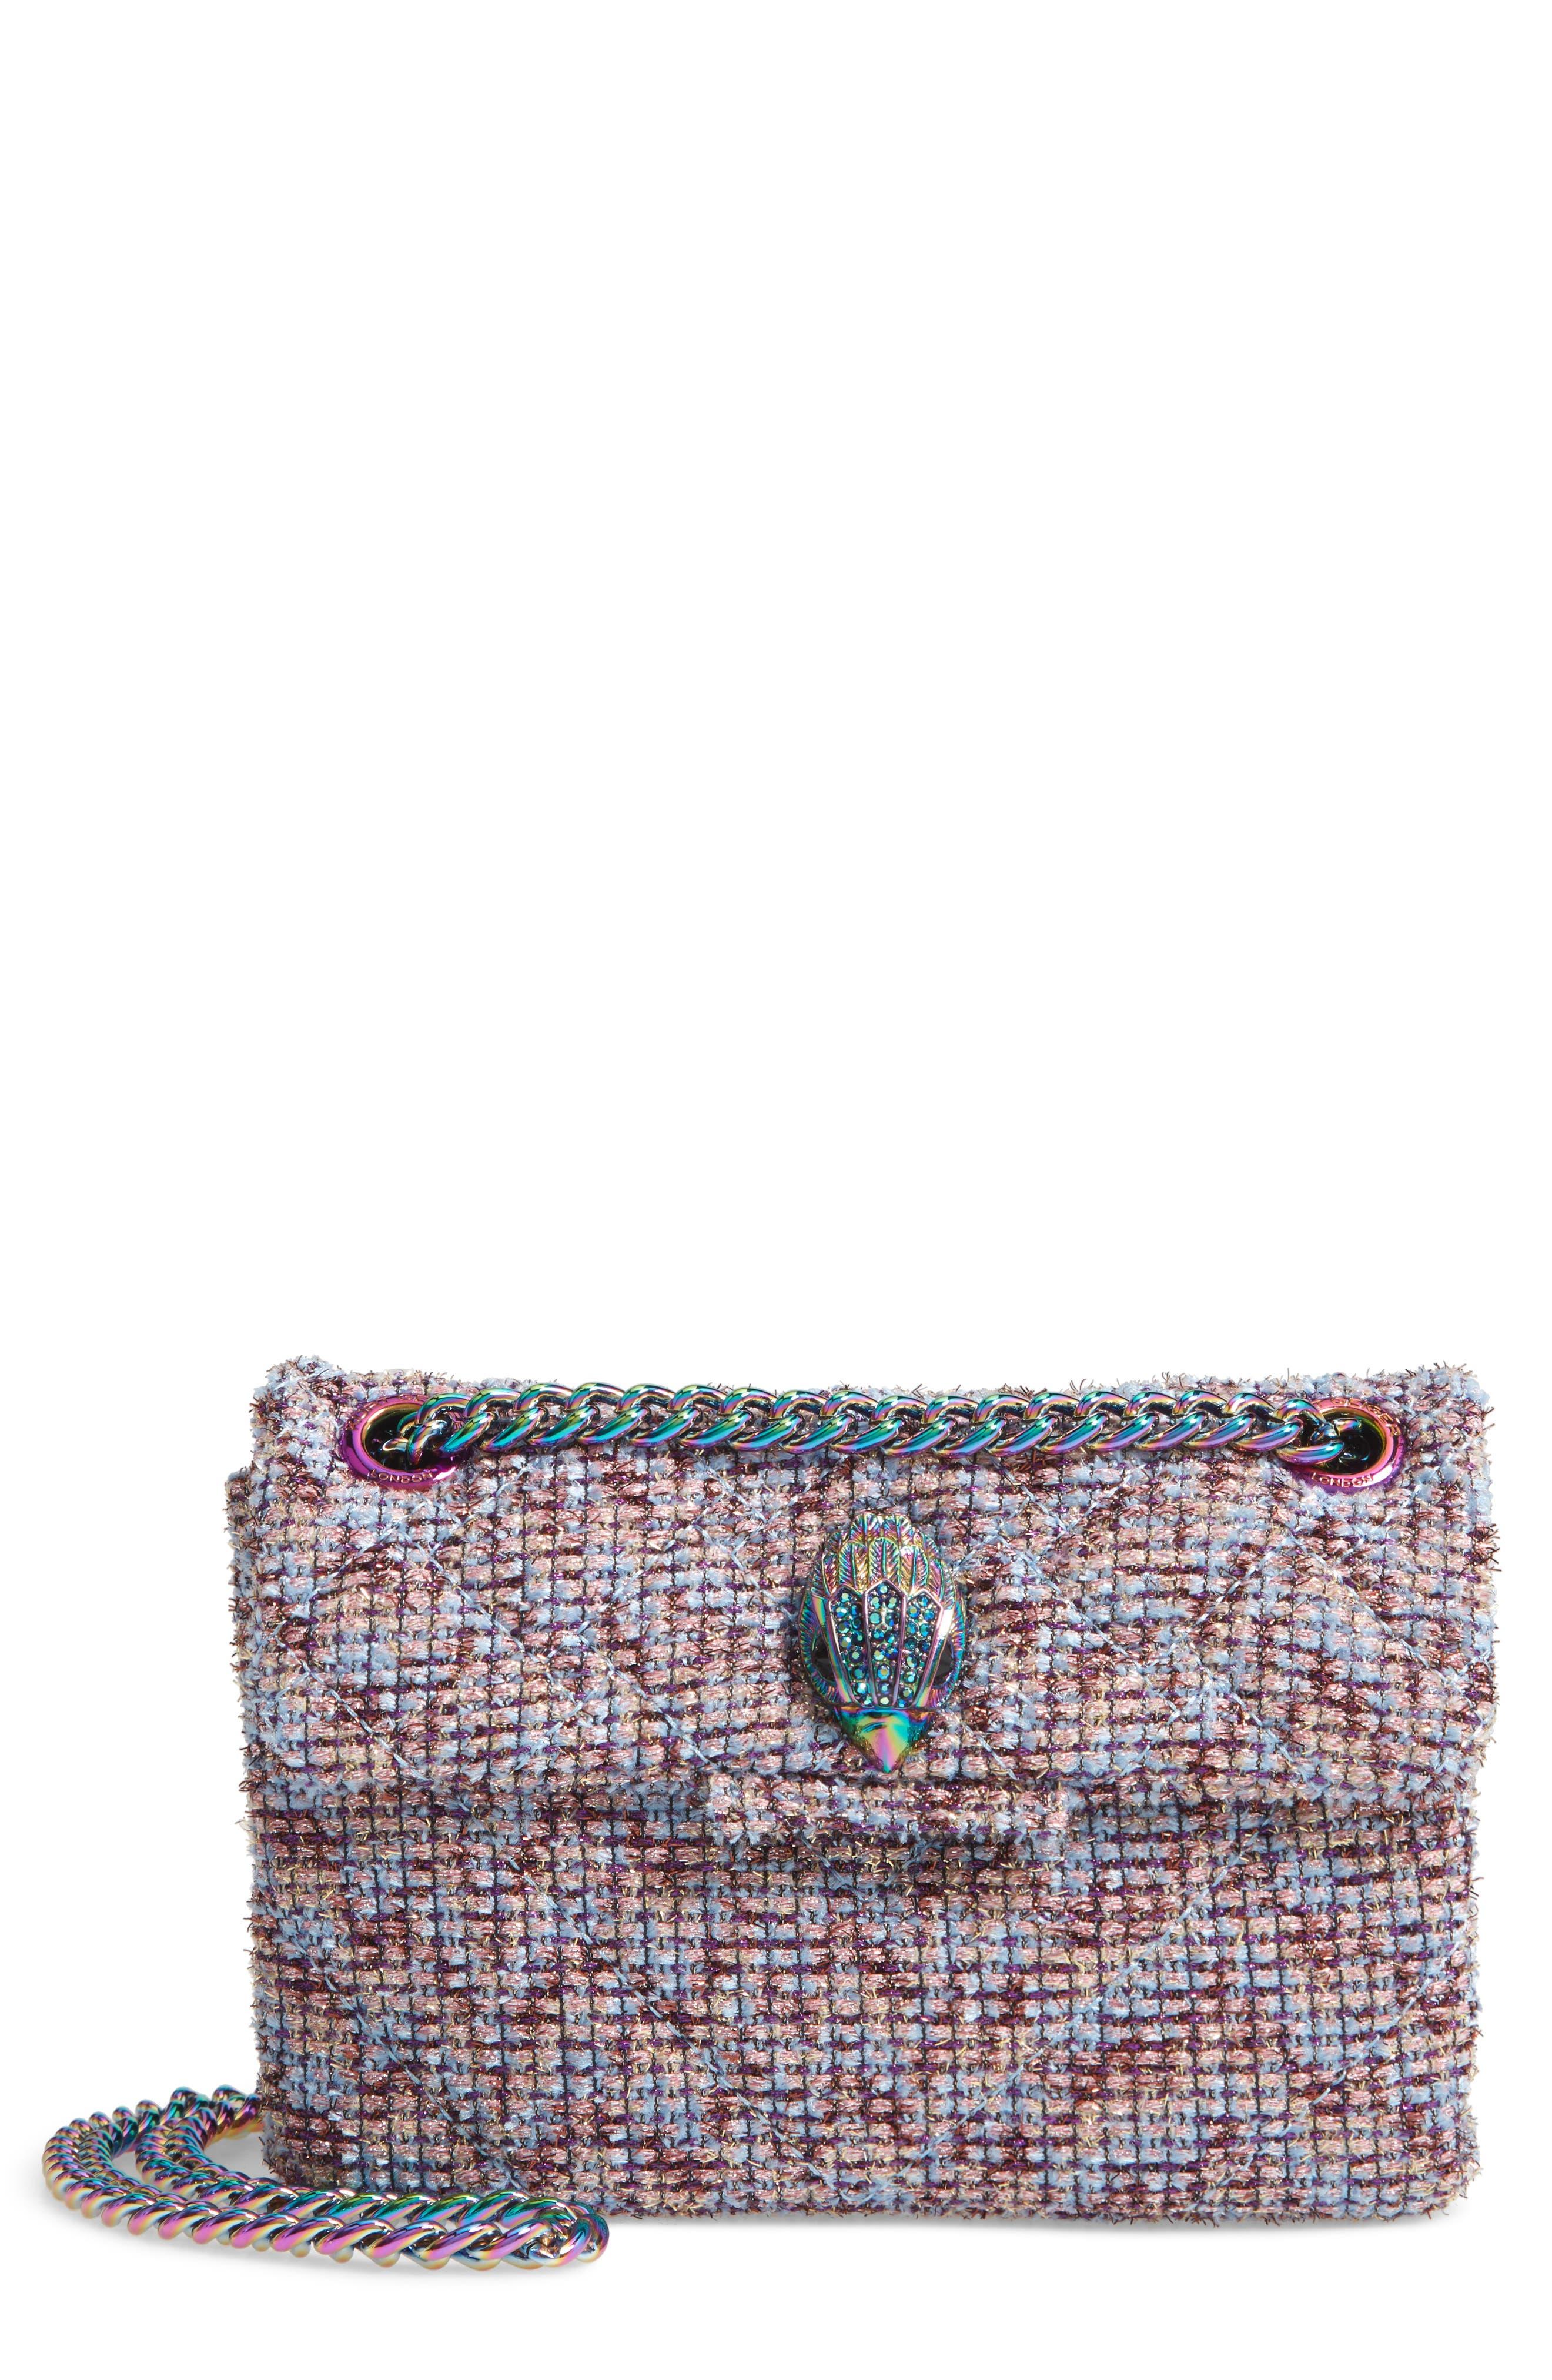 Mini Kensington Tweed Crossbody Bag,                         Main,                         color, PINK